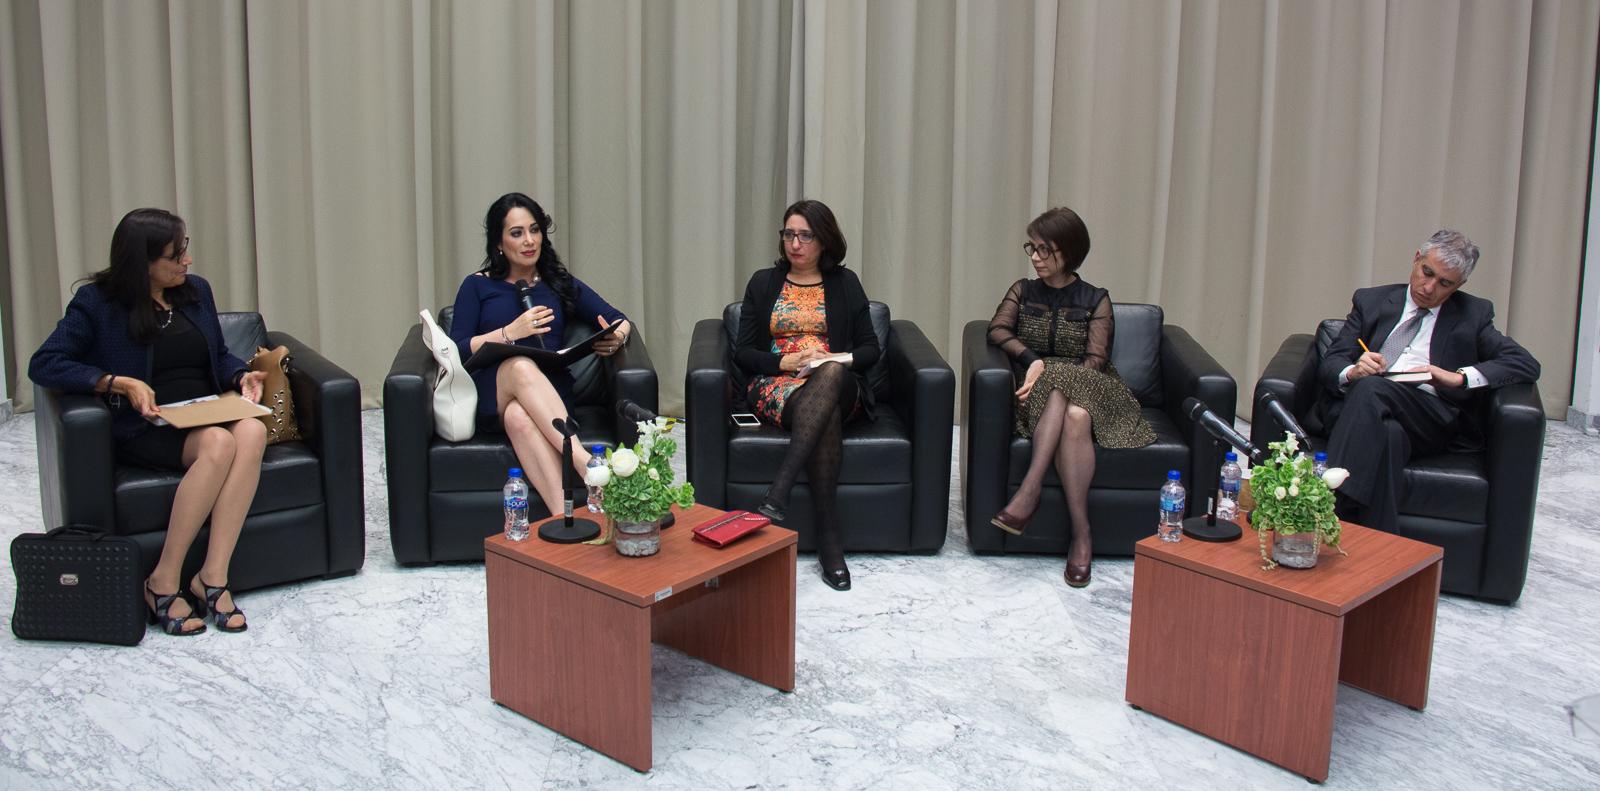 Justicia administrativa recobra interés tras Sistema Nacional Anticorrupción